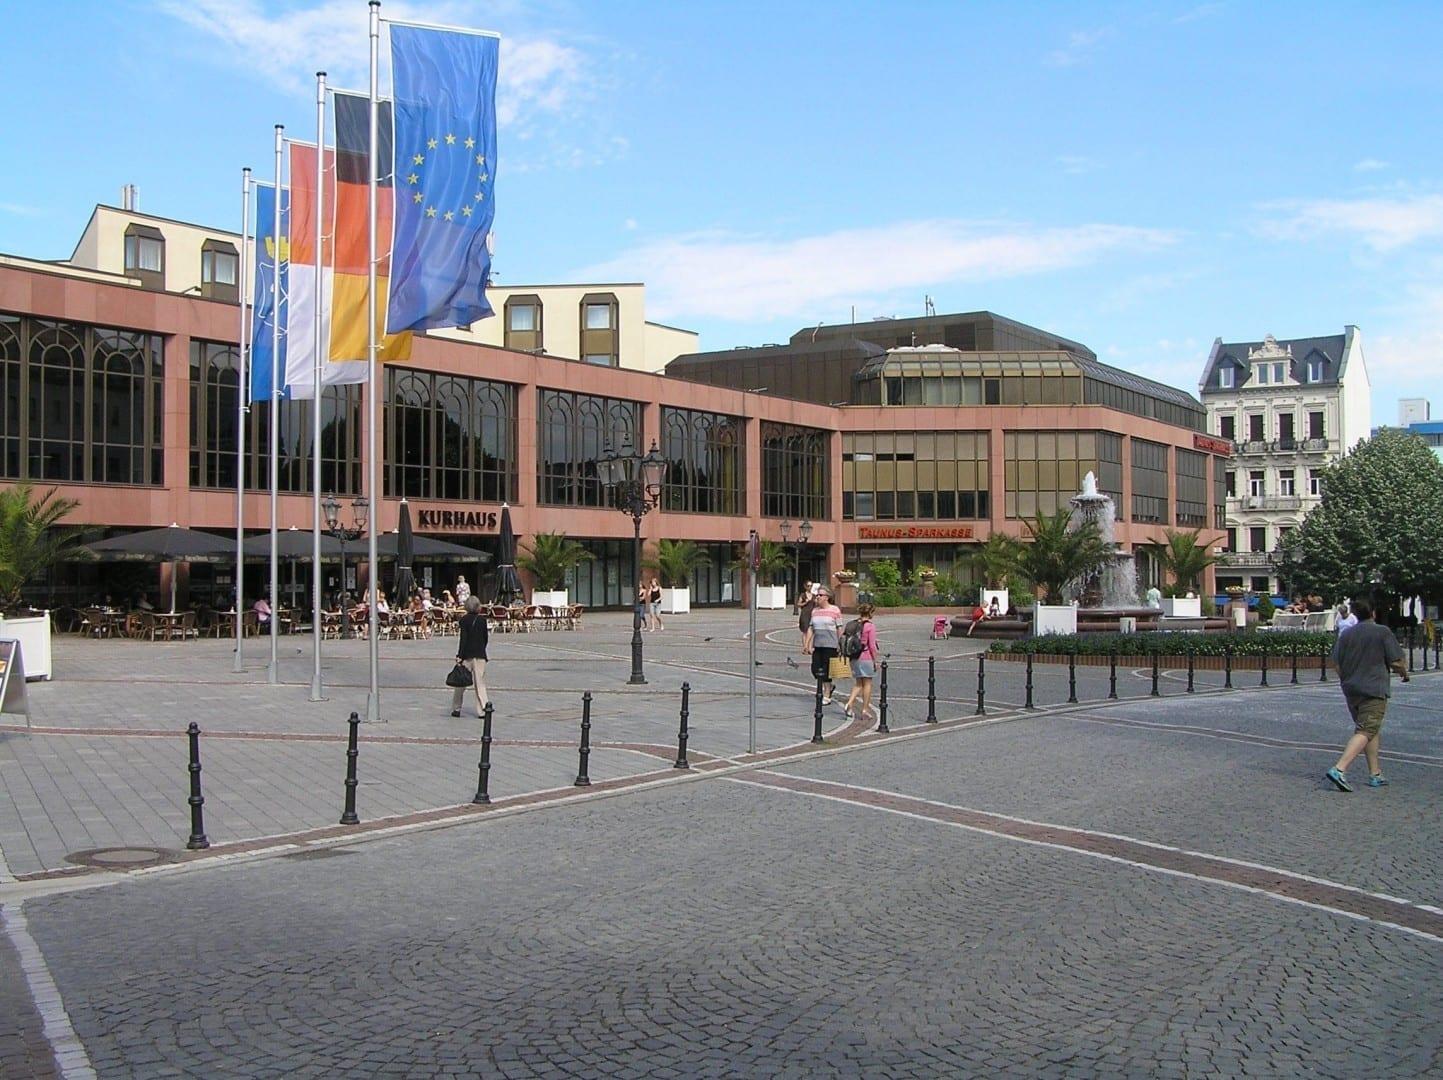 El Kurhaus es un moderno edificio multifuncional, que no debe confundirse con los históricos baños del Kaiser Wilhelm Alemania